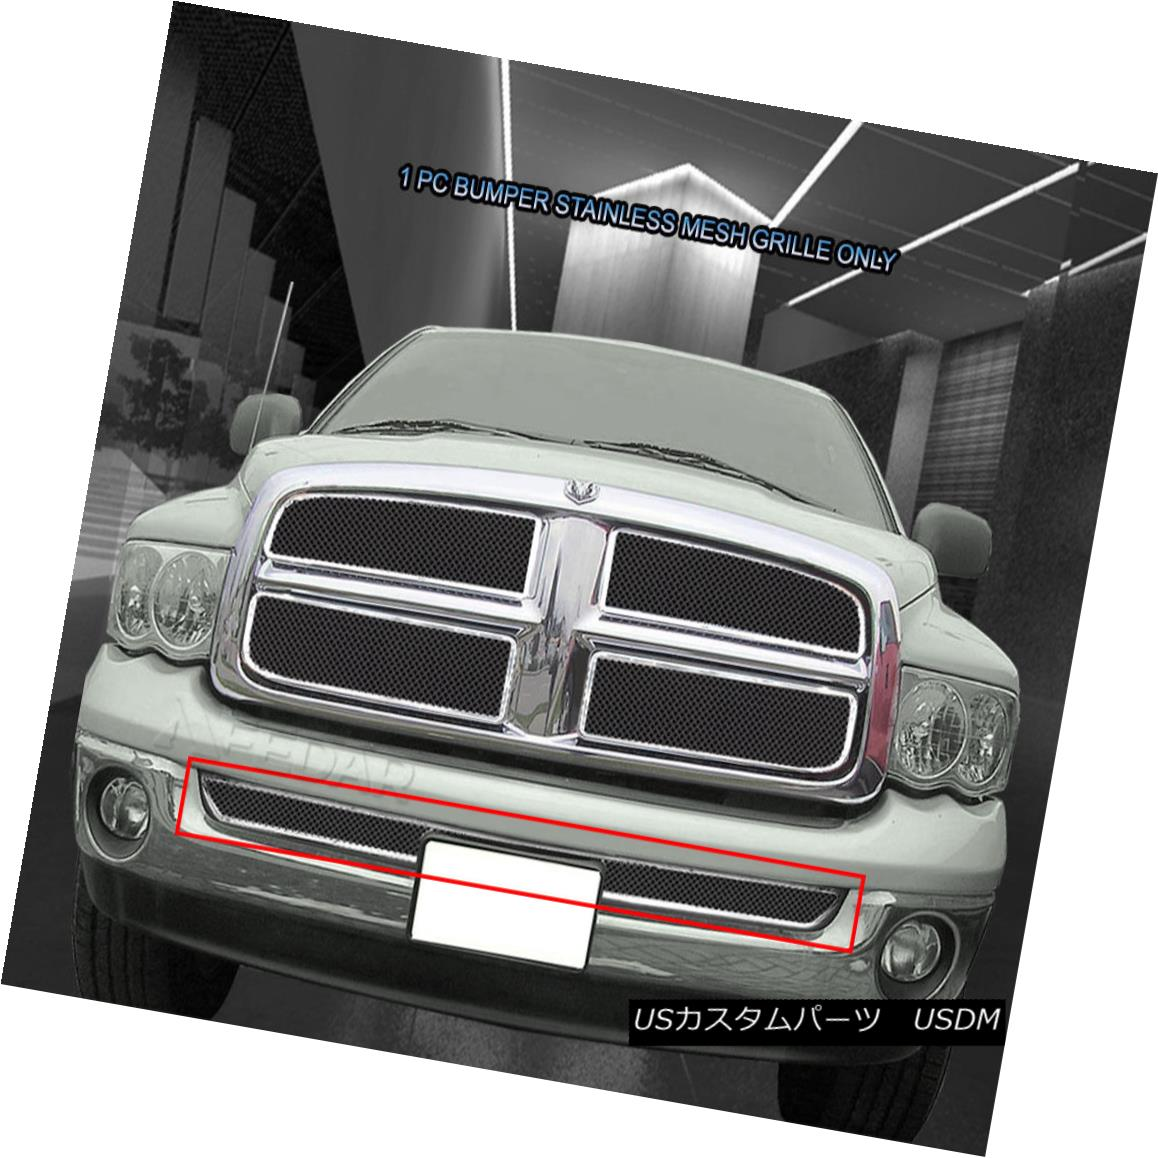 グリル Fedar Fits 02-08 Dodge Ram Mesh Grille Insert Fedar Fits 02-08ダッジ・ラム・メッシュ・グリル・インサート